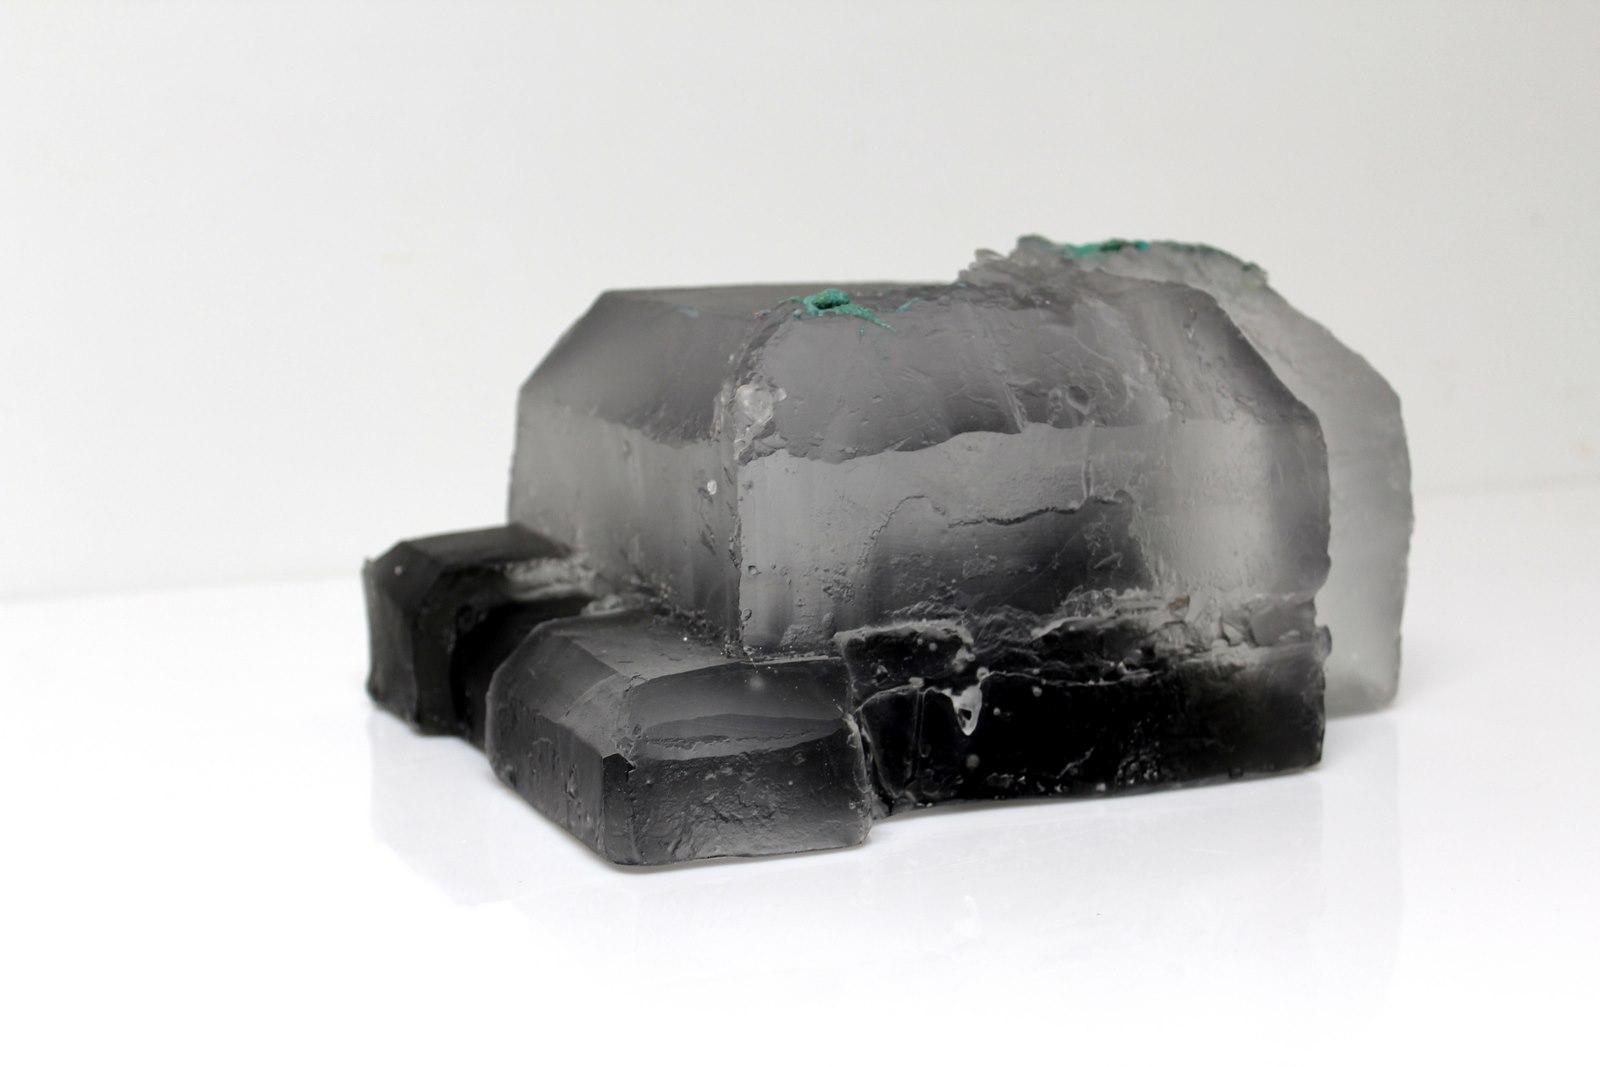 pâte de verre gris et incolore, 27 x 21 x 13 cm 2/5, 2018